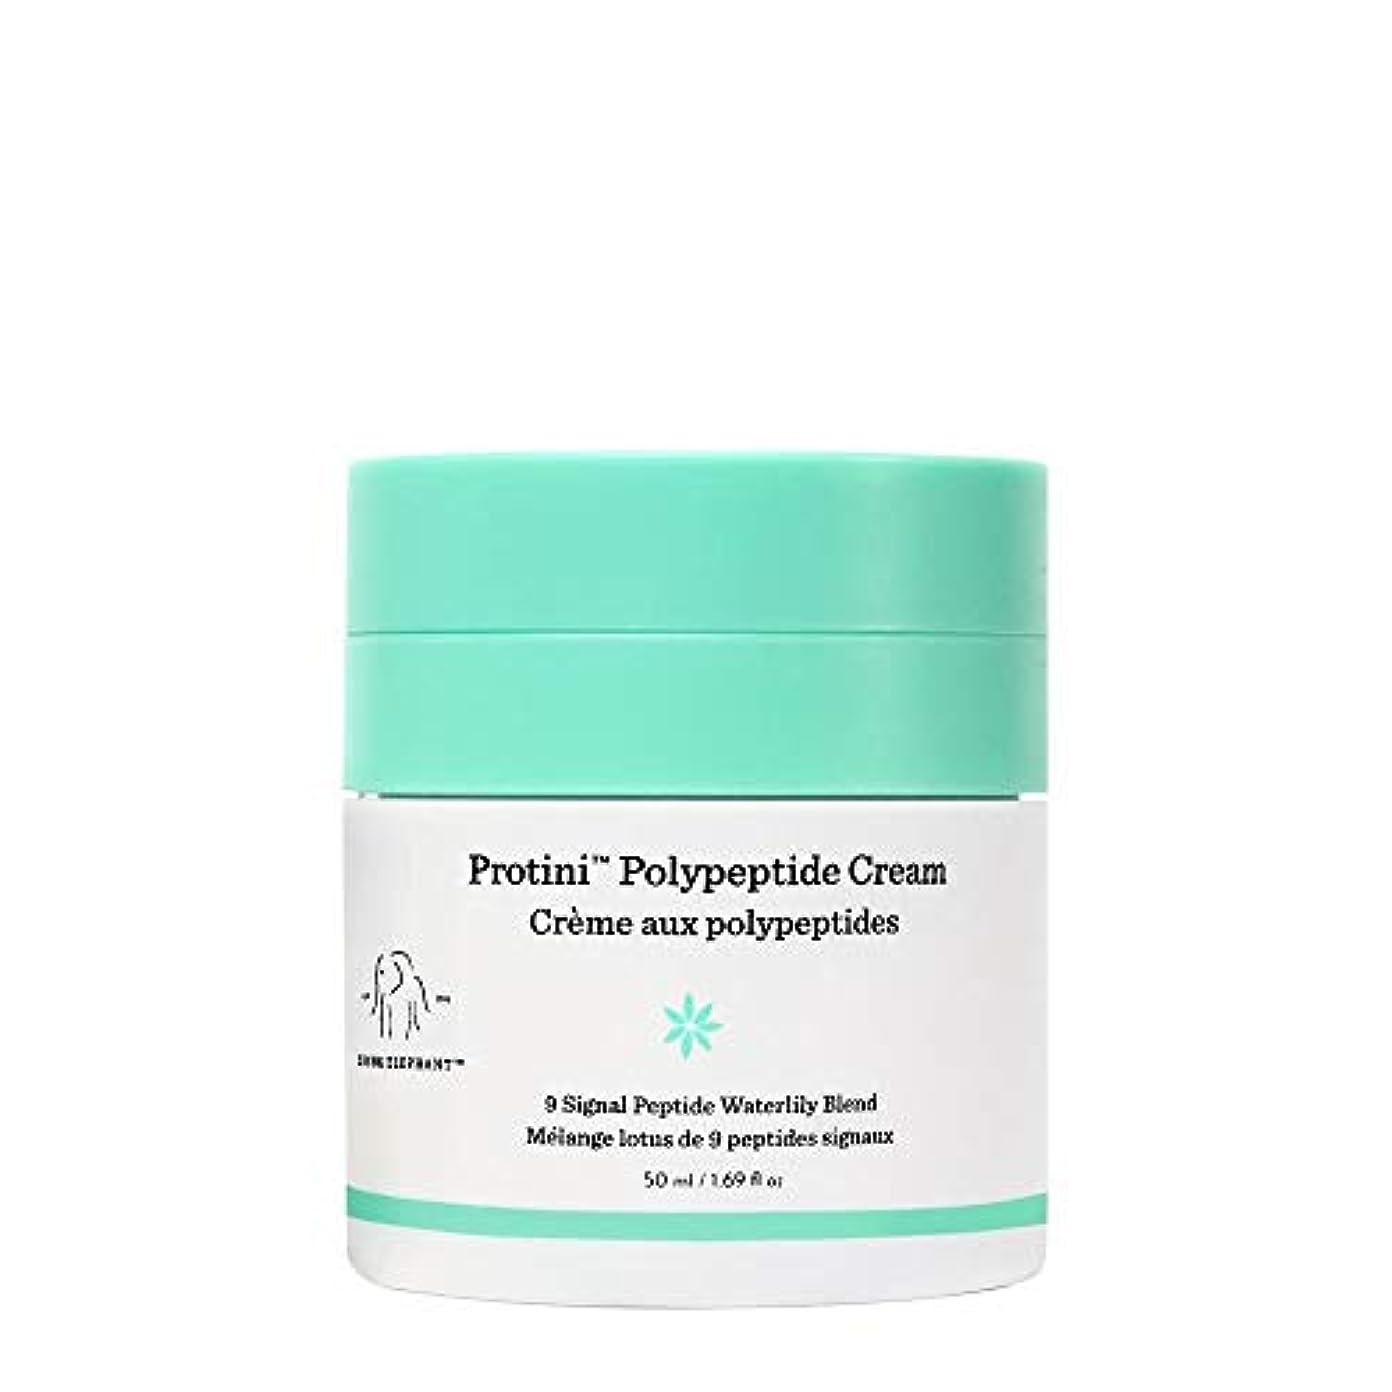 寺院倍増影響を受けやすいですDRUNK ELEPHANT Protini Polypeptide Cream 1.69 oz/ 50 ml ドランクエレファント プロティーニ ポリペプタイド クリーム 1.69 oz/ 50 ml